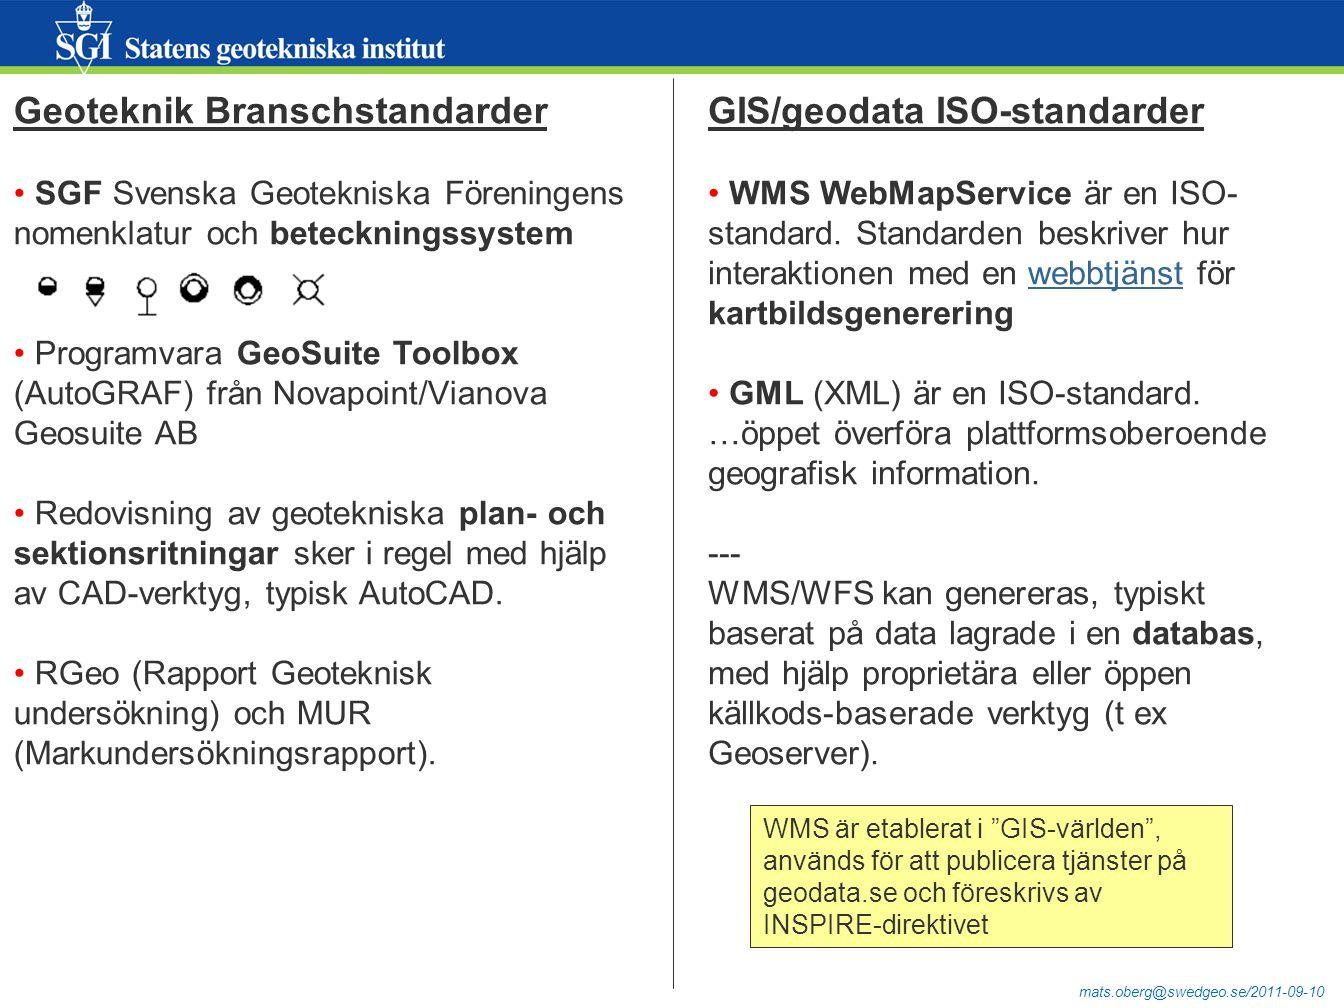 mats.oberg@swedgeo.se/2011-09-10 Geoteknik Branschstandarder SGF Svenska Geotekniska Föreningens nomenklatur och beteckningssystem Programvara GeoSuite Toolbox (AutoGRAF) från Novapoint/Vianova Geosuite AB Redovisning av geotekniska plan- och sektionsritningar sker i regel med hjälp av CAD-verktyg, typisk AutoCAD.